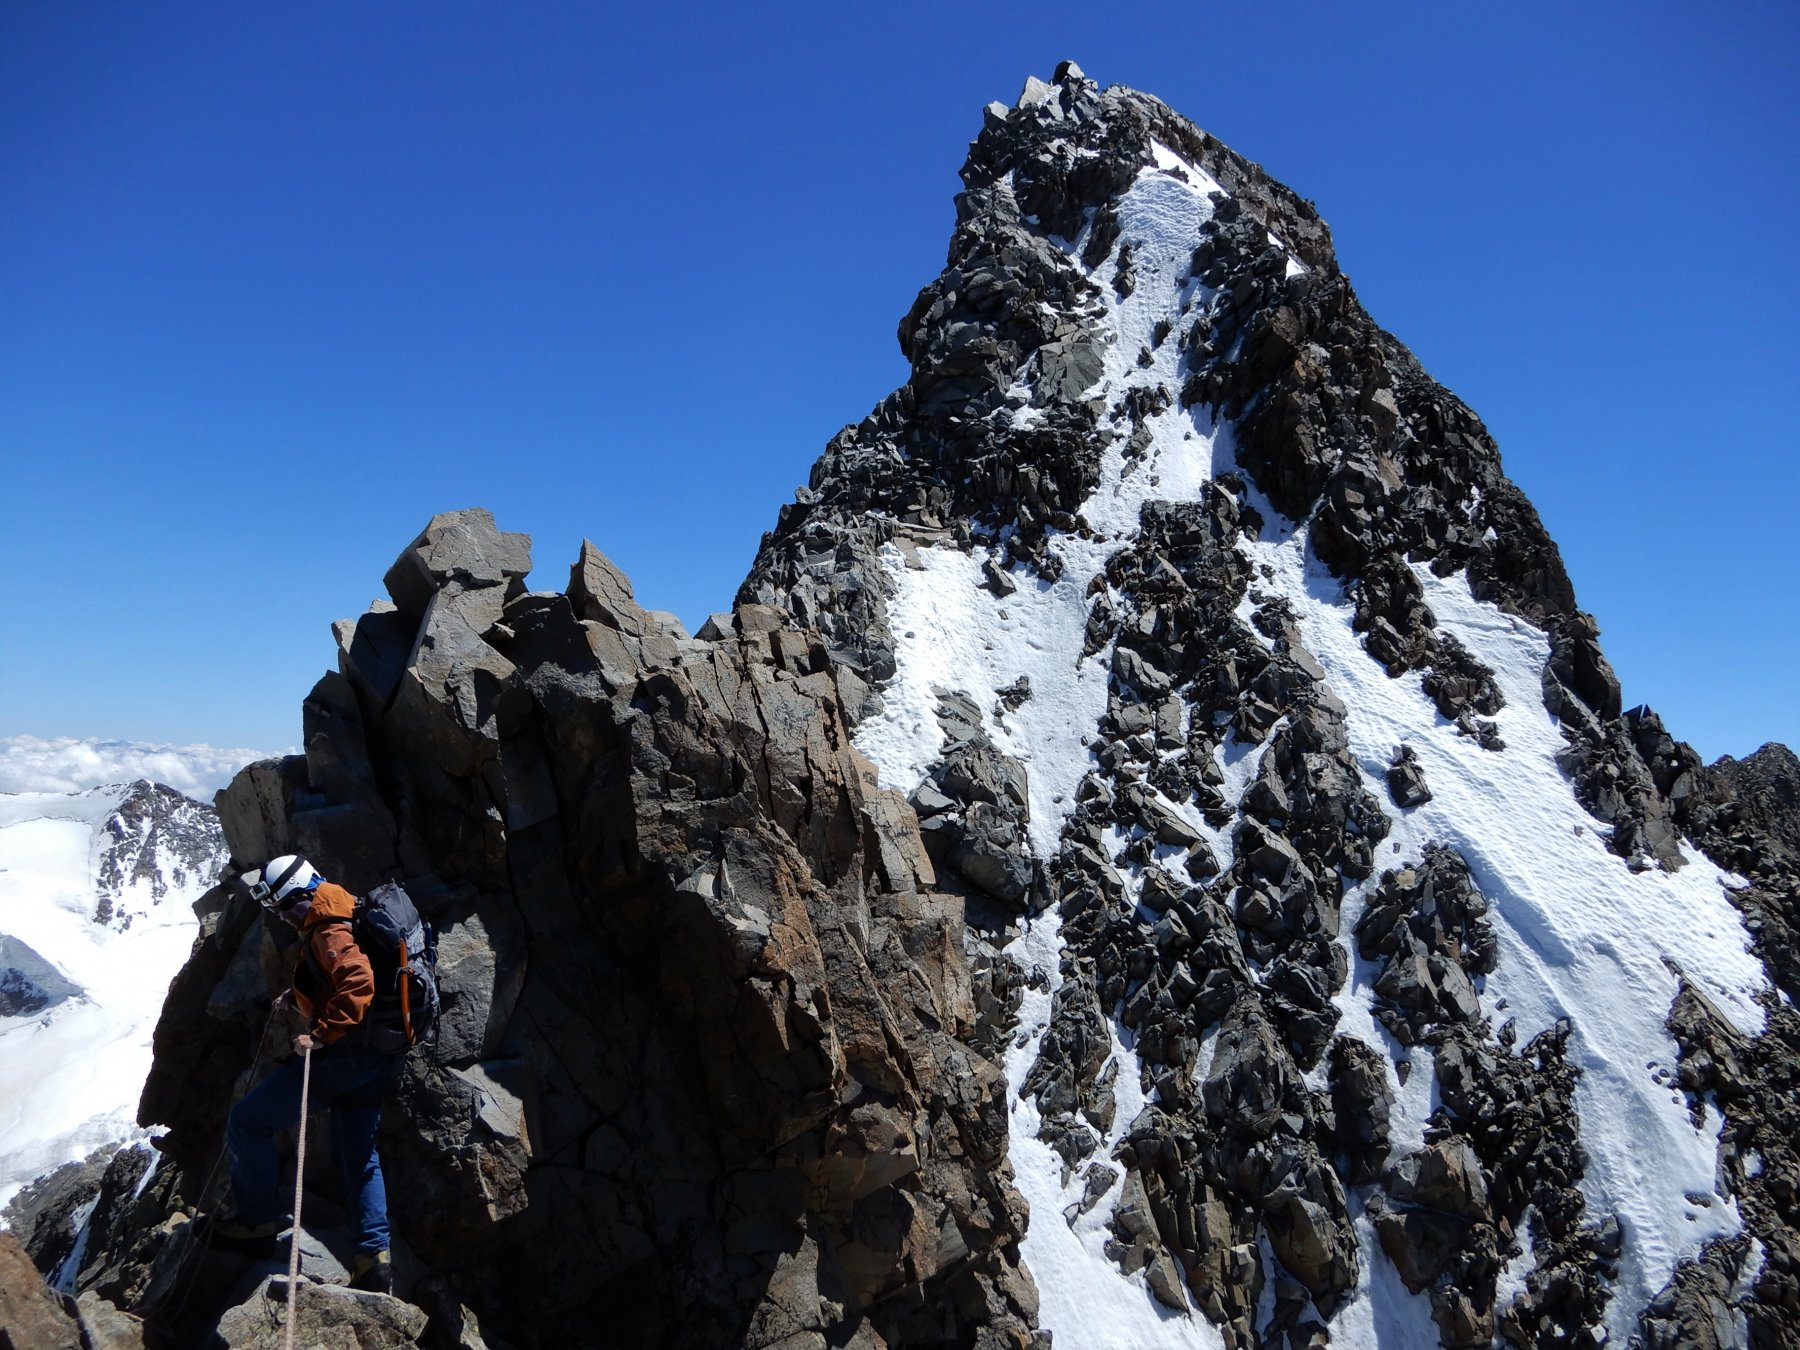 Lungo la frastagliata cresta rocciosa tra Pizzo Bianco e Bernina